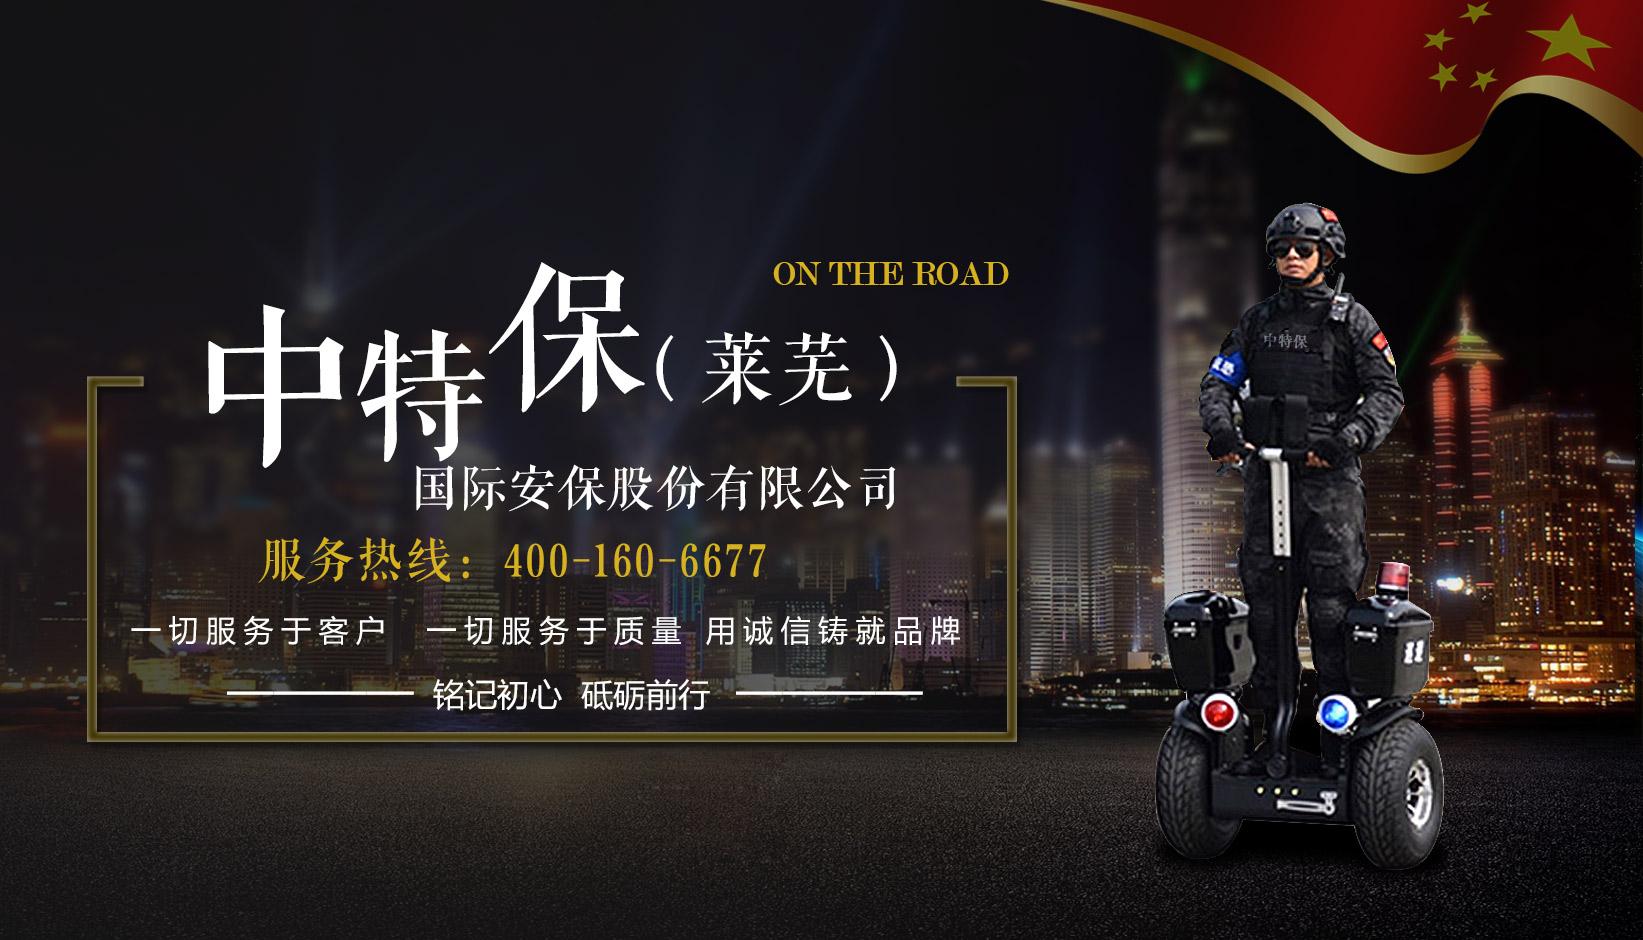 http://www.lwzhongtebao.com/business